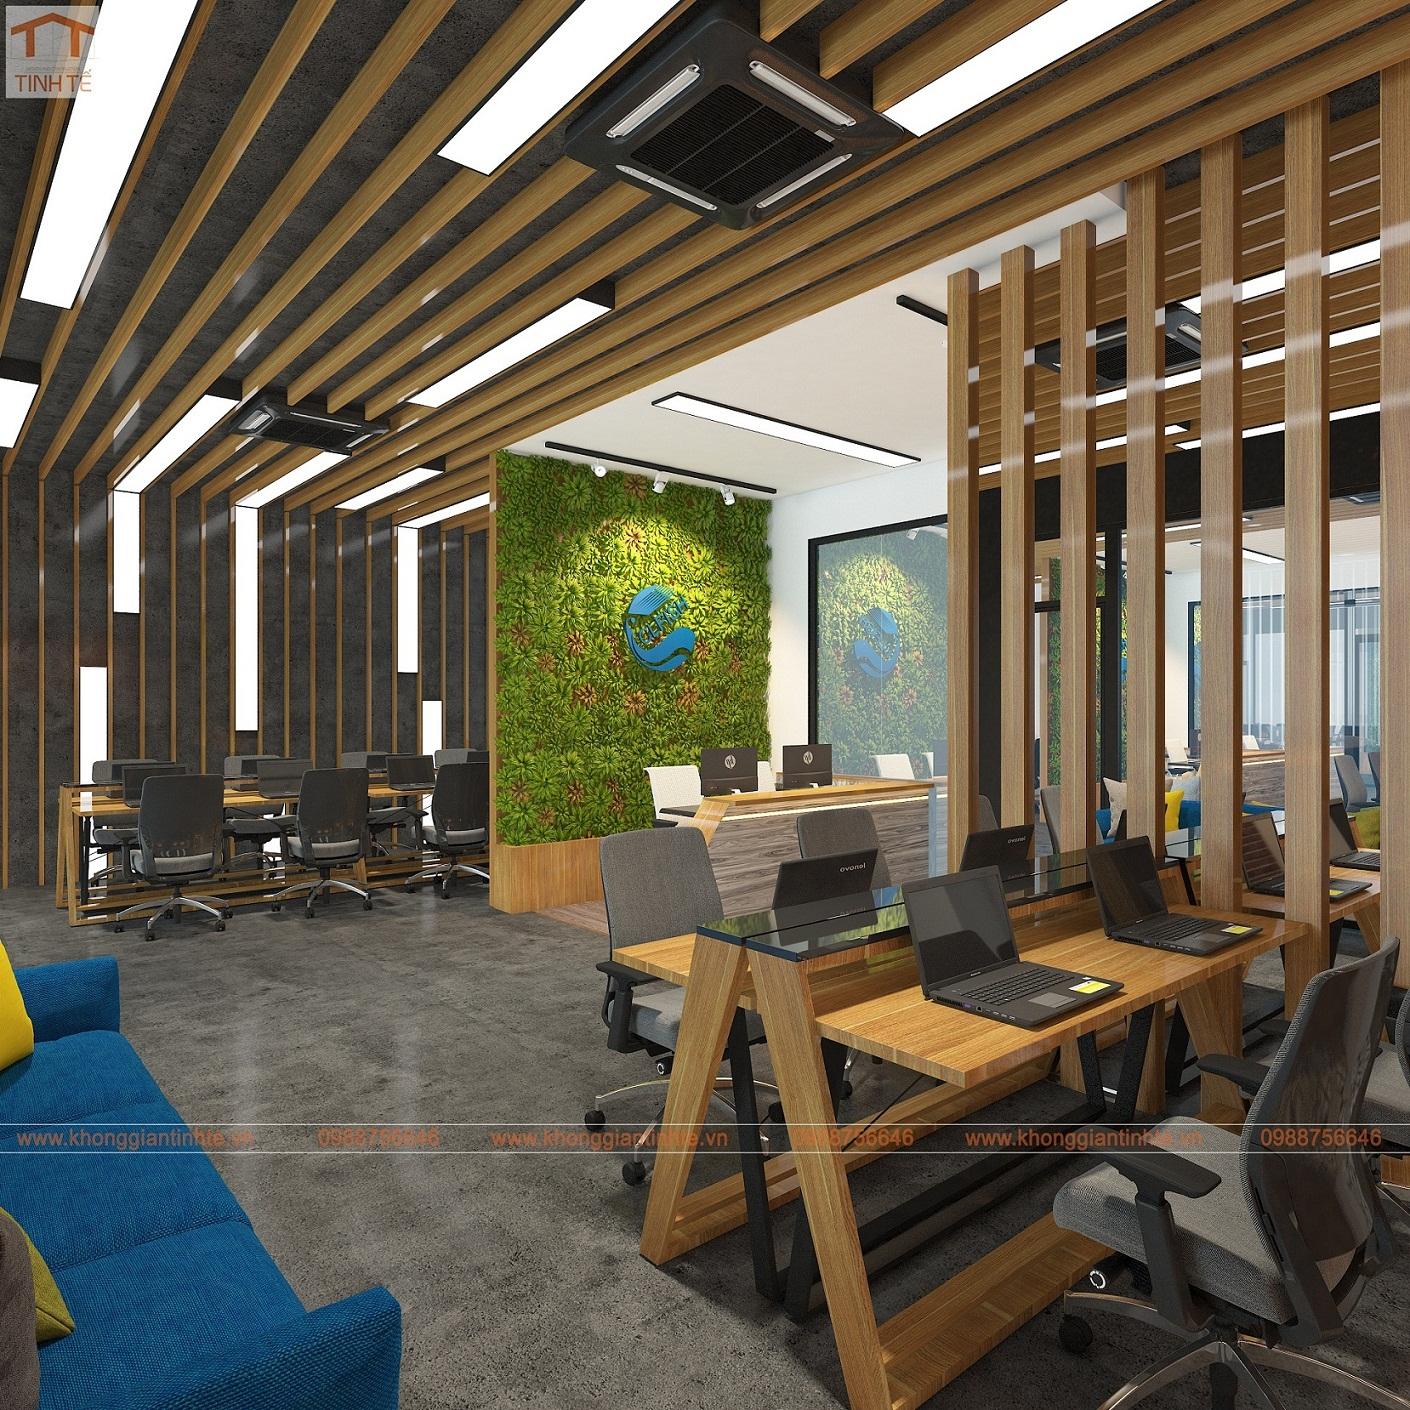 Văn phòng làm việc, 100m2, Timescity, Hà Nội